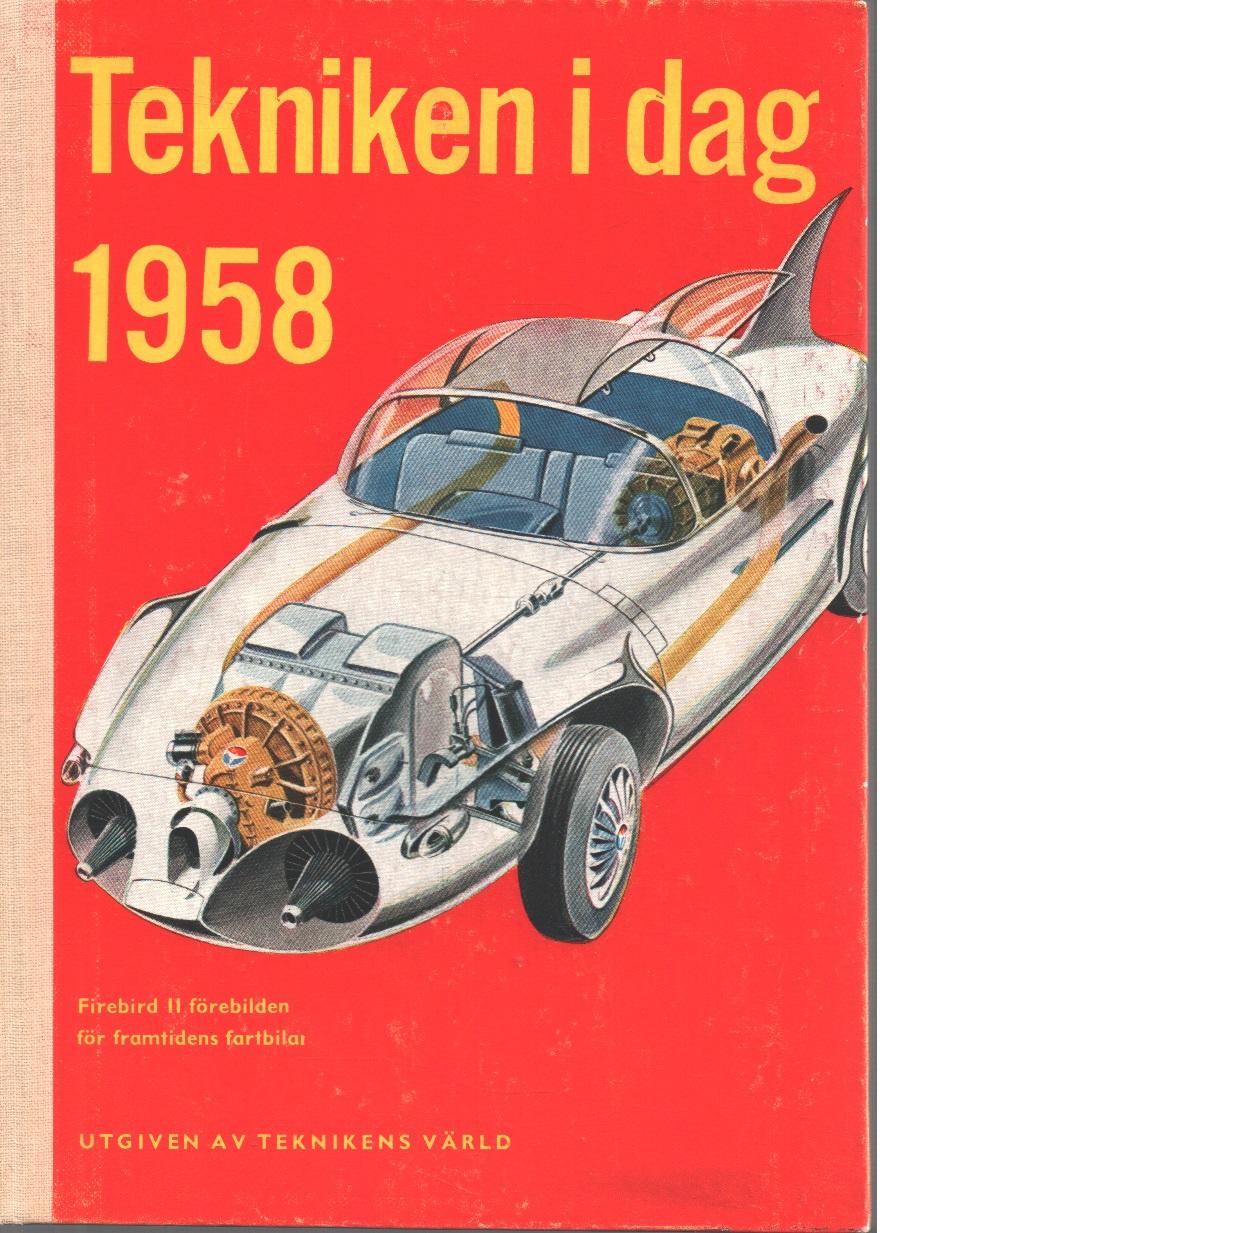 Tekniken i dag 1958 - Red.